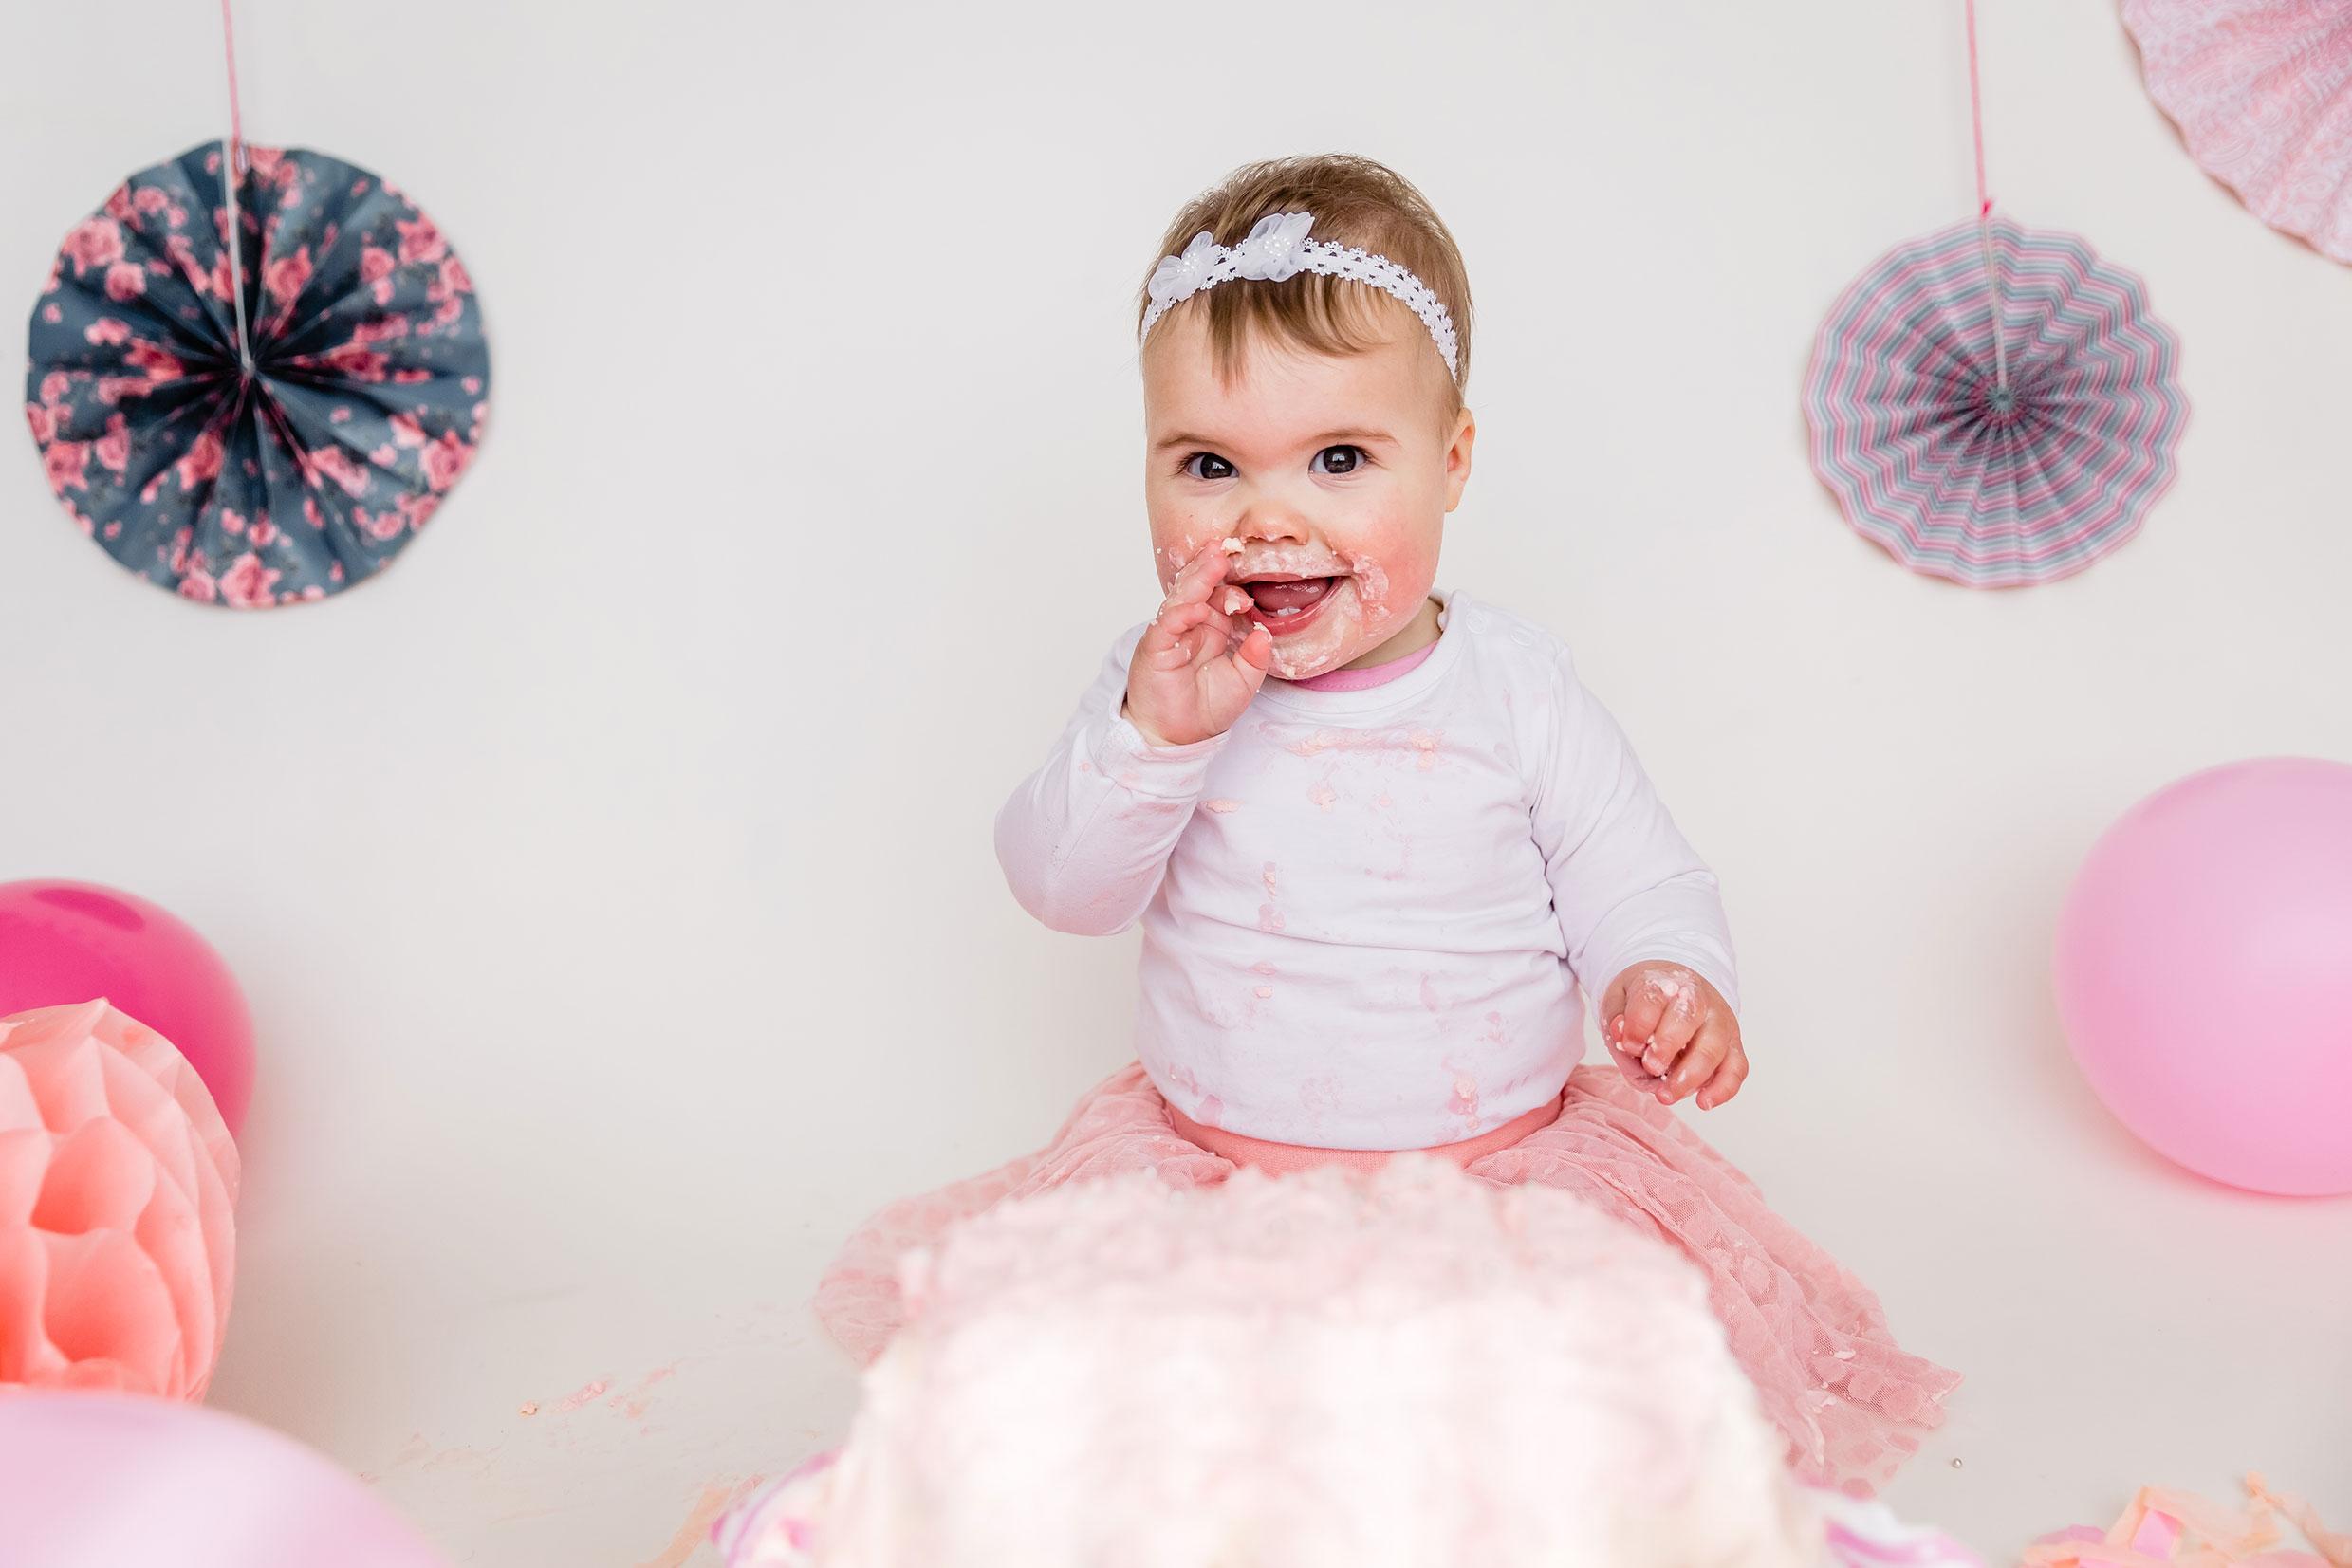 Martina Kelder Fotografie, Overijssel, Hardenberg, Verjaardagsshoot, Cakesmash, taart, verjaardag, familieshoot